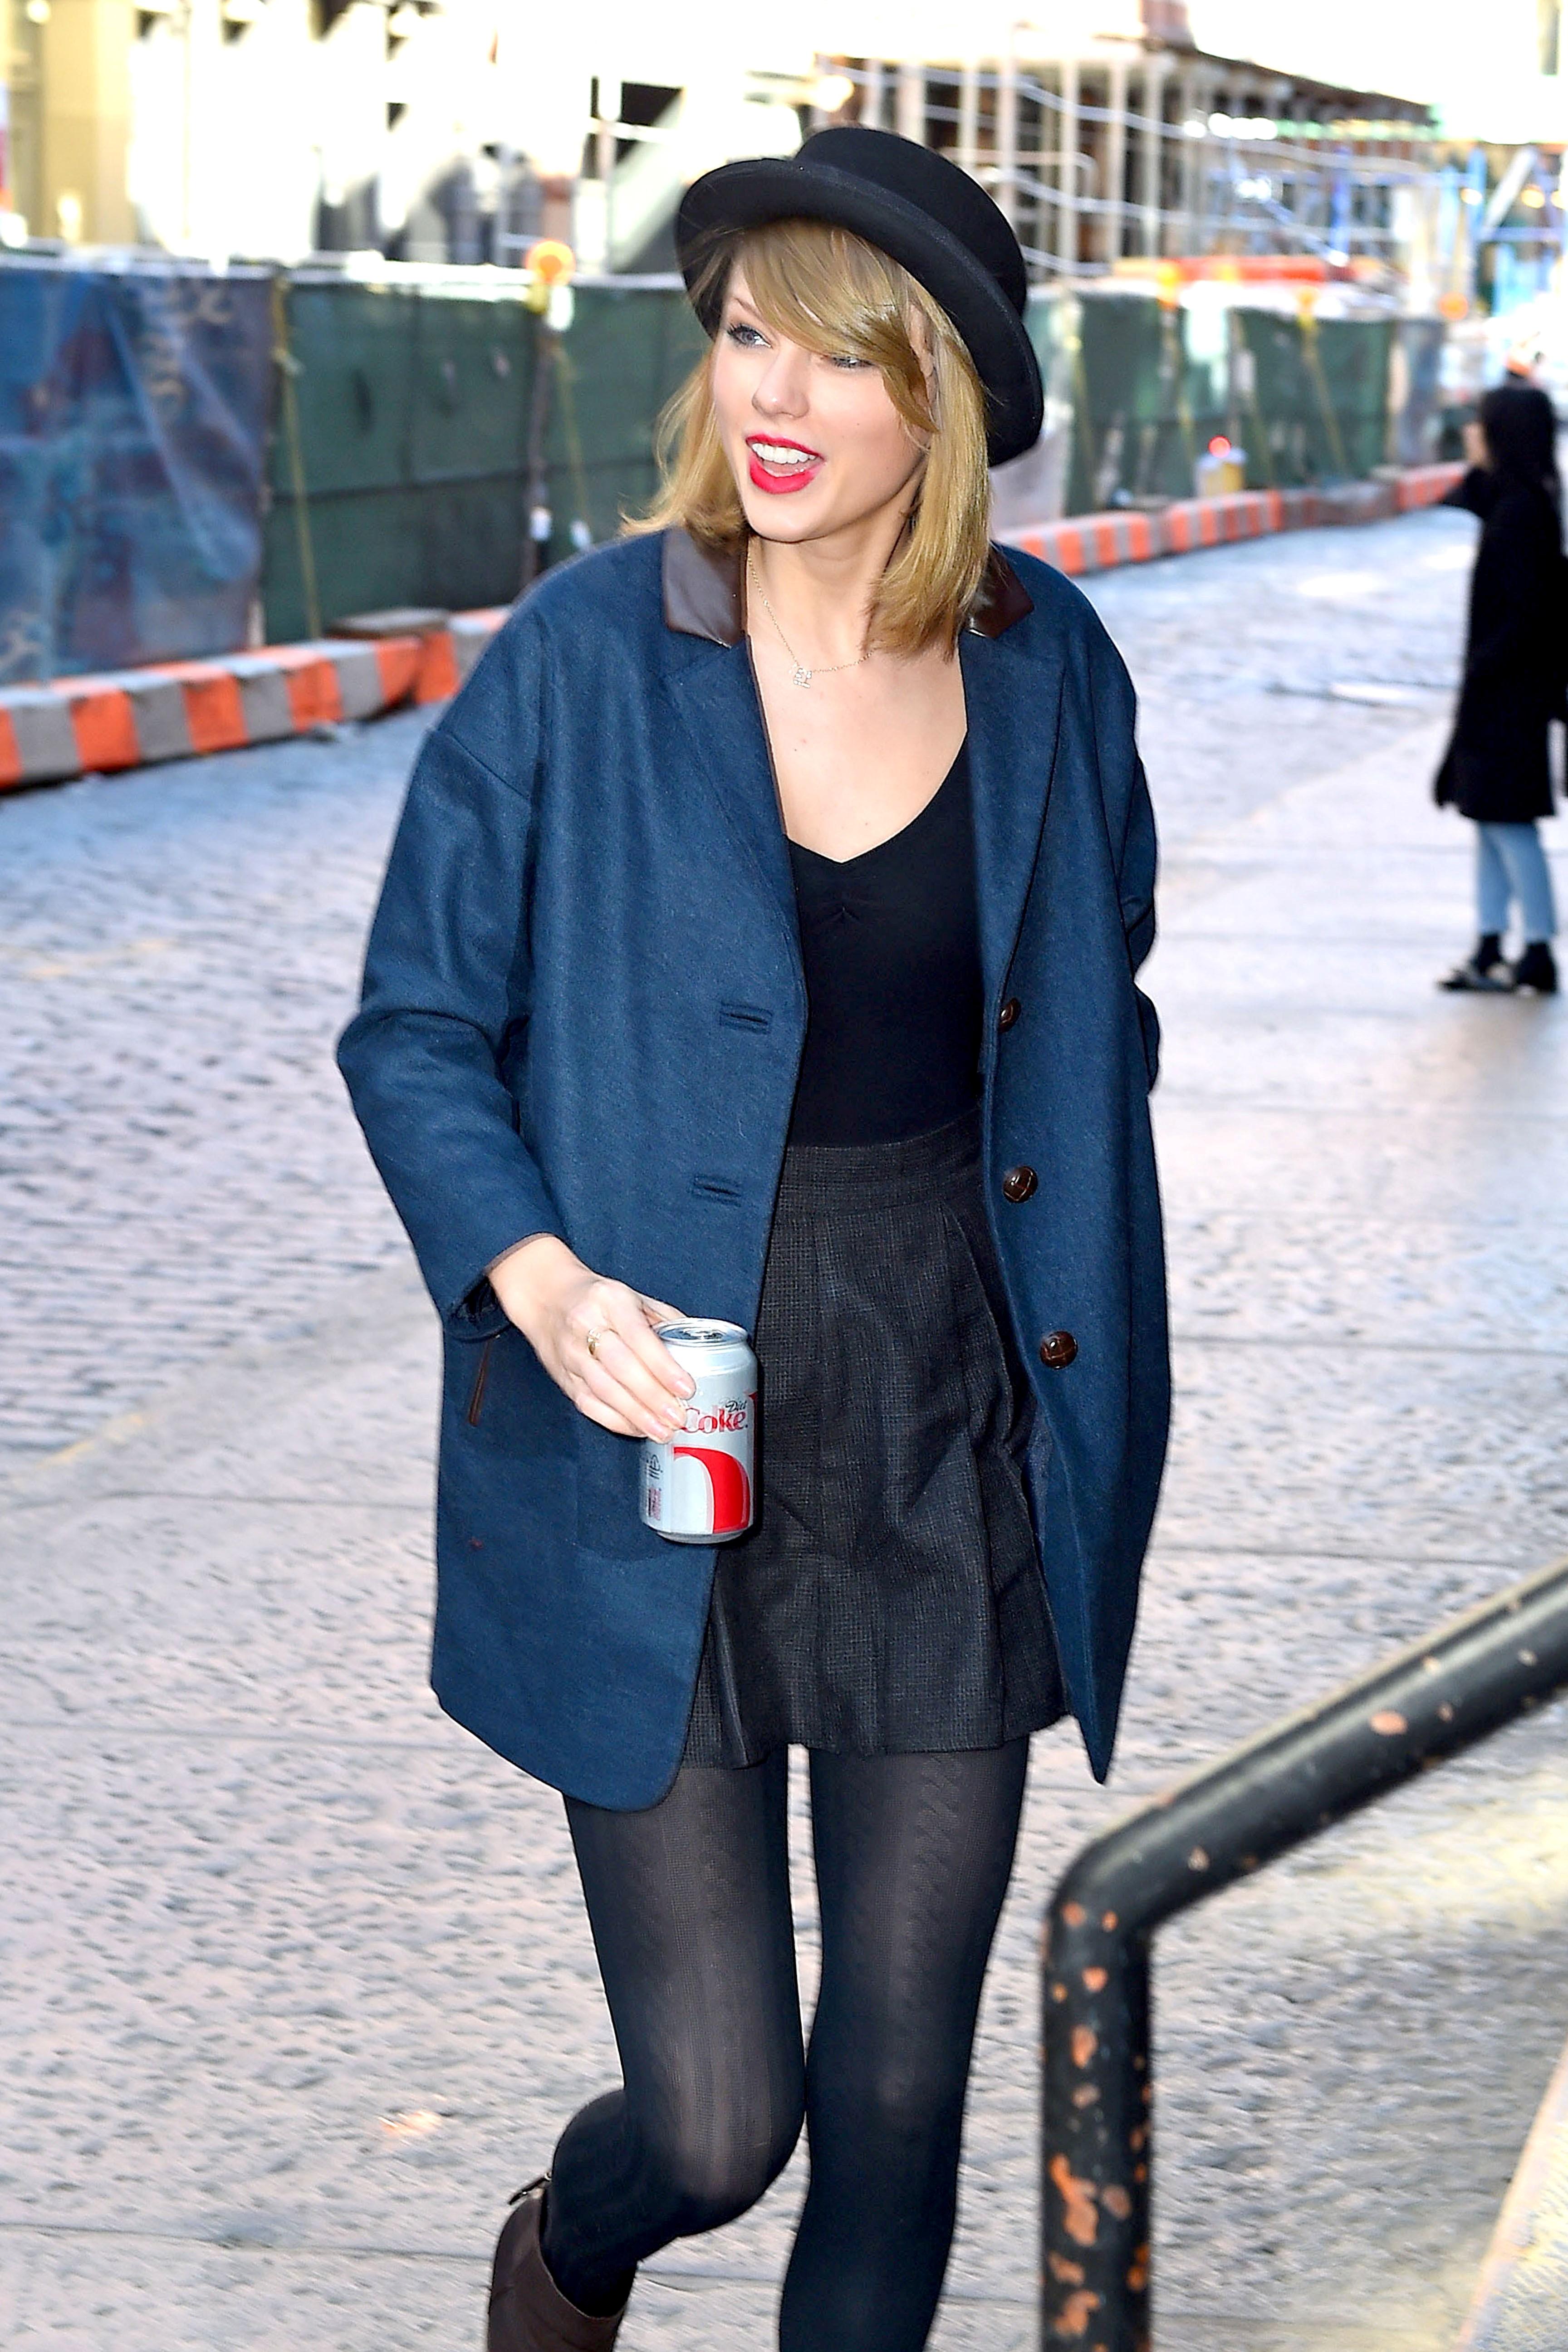 Taylor Swift, Diet Coke